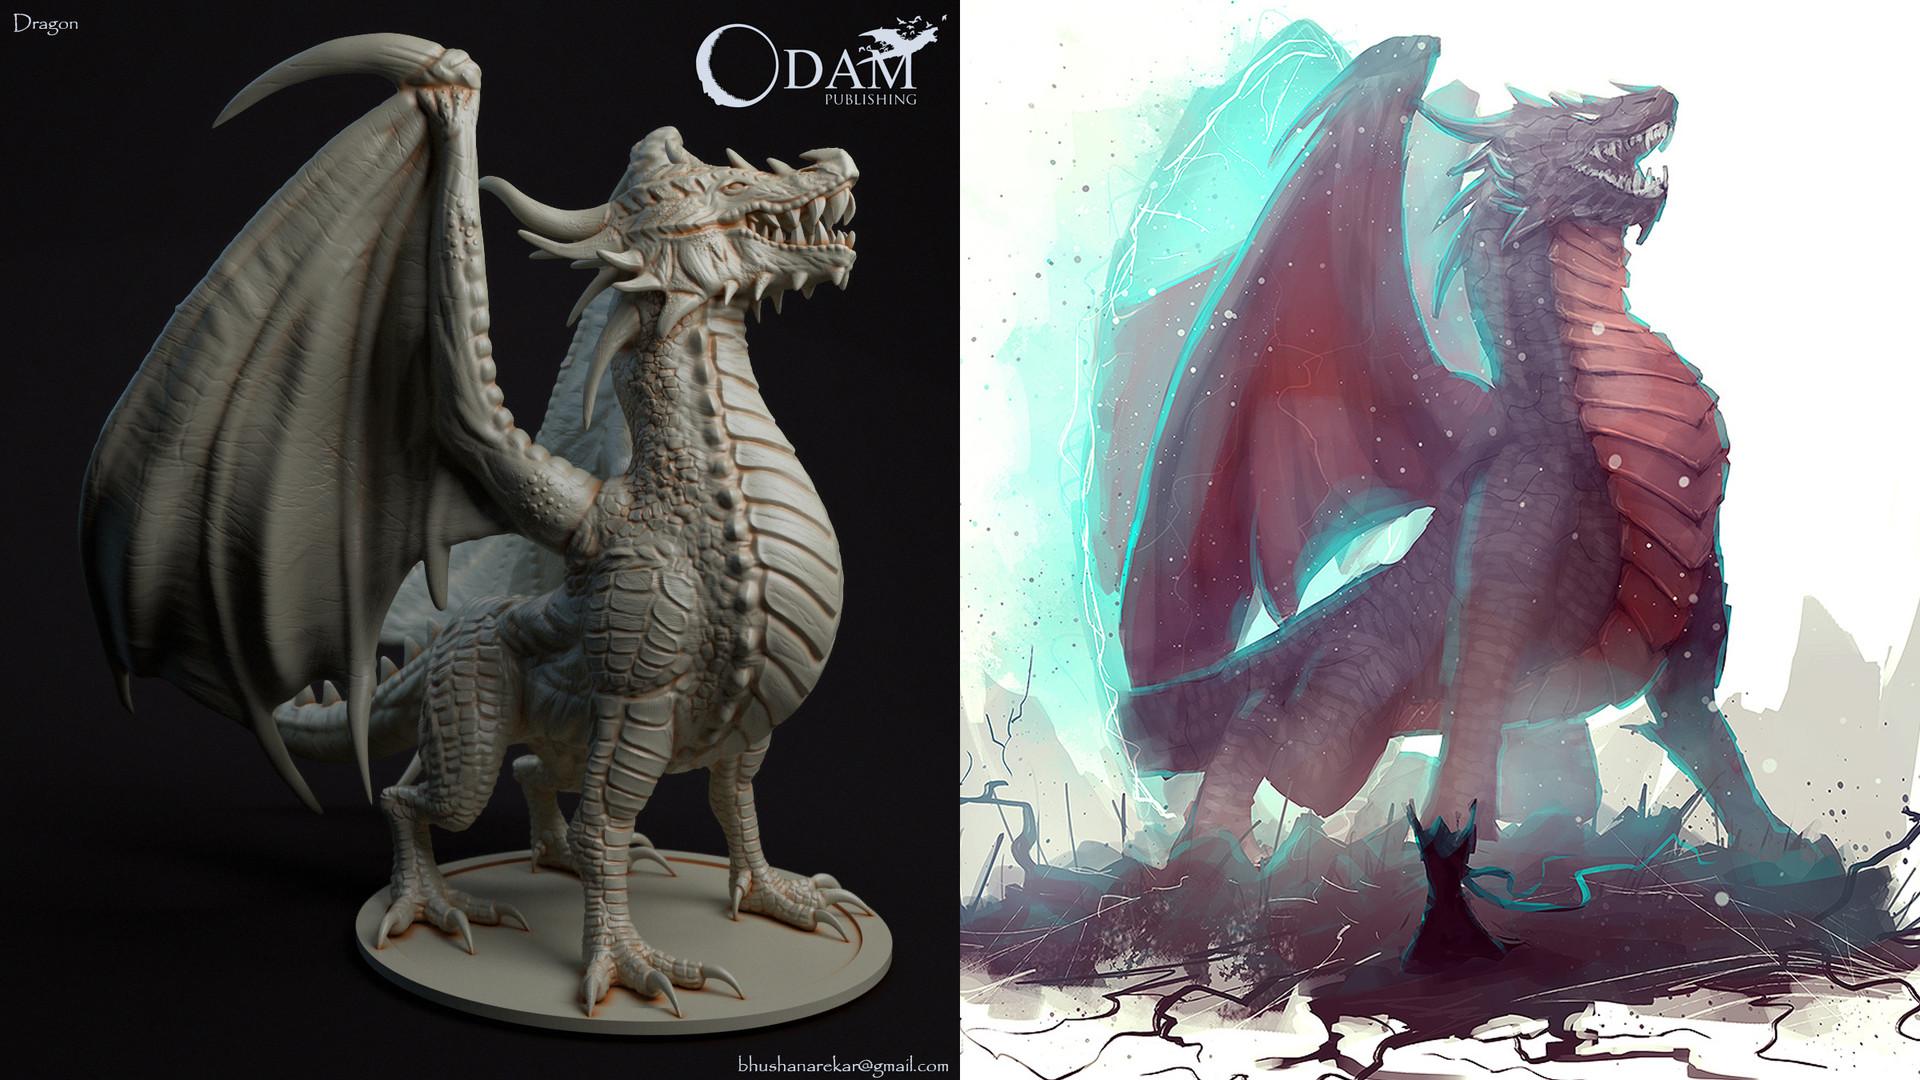 Bhushan arekar 02 dragon